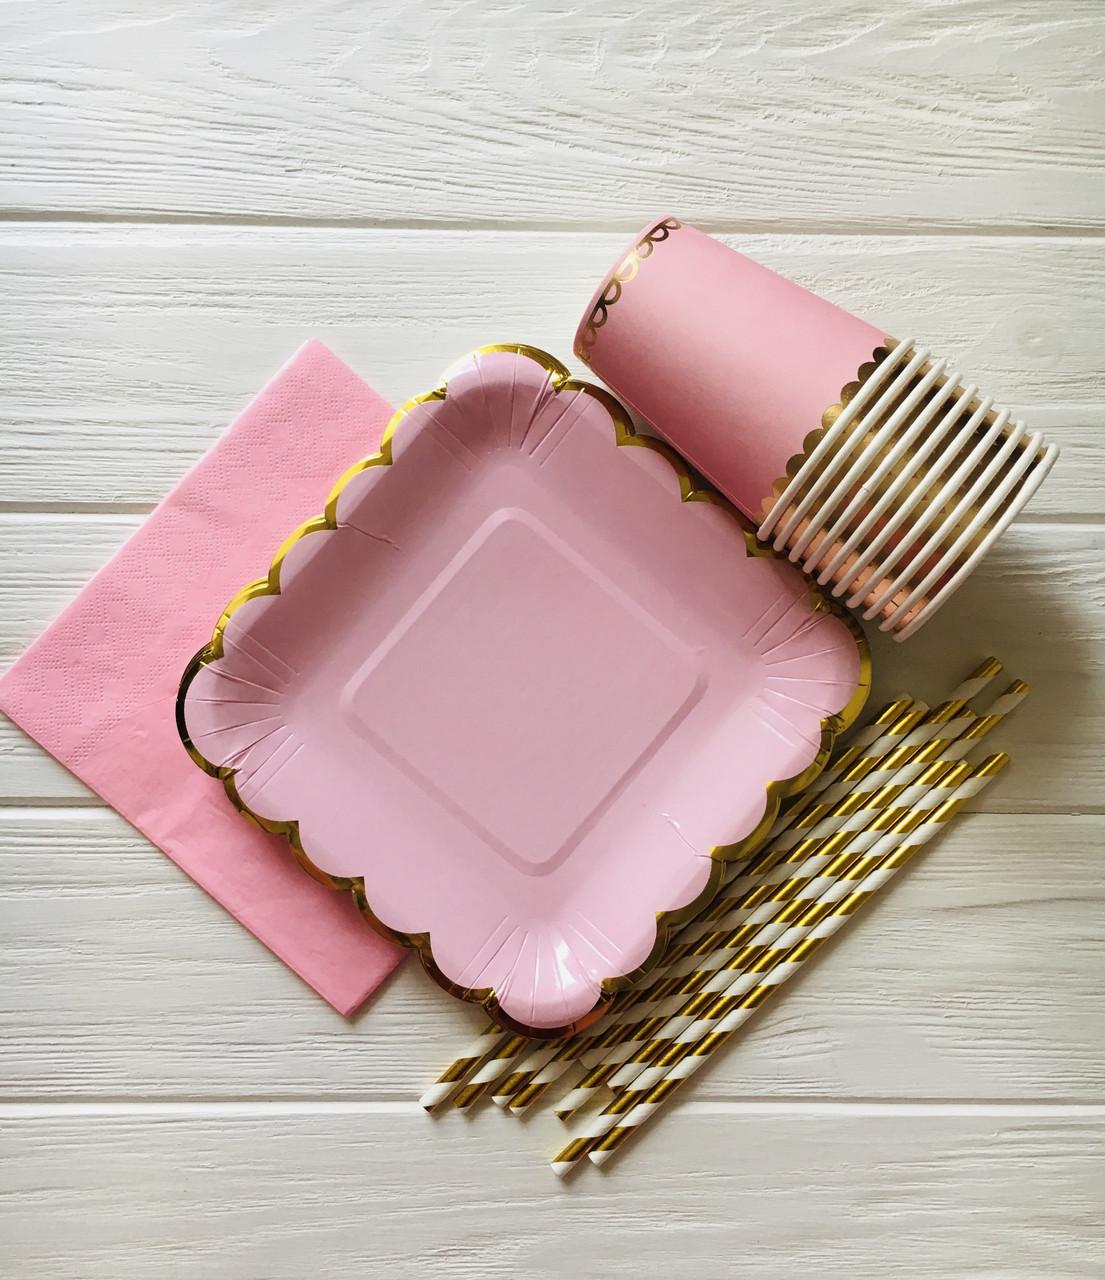 """Набір паперової посуду - тарілочки, стаканчики,трубочки і серветки """"Blush pink"""" (40 шт.)"""